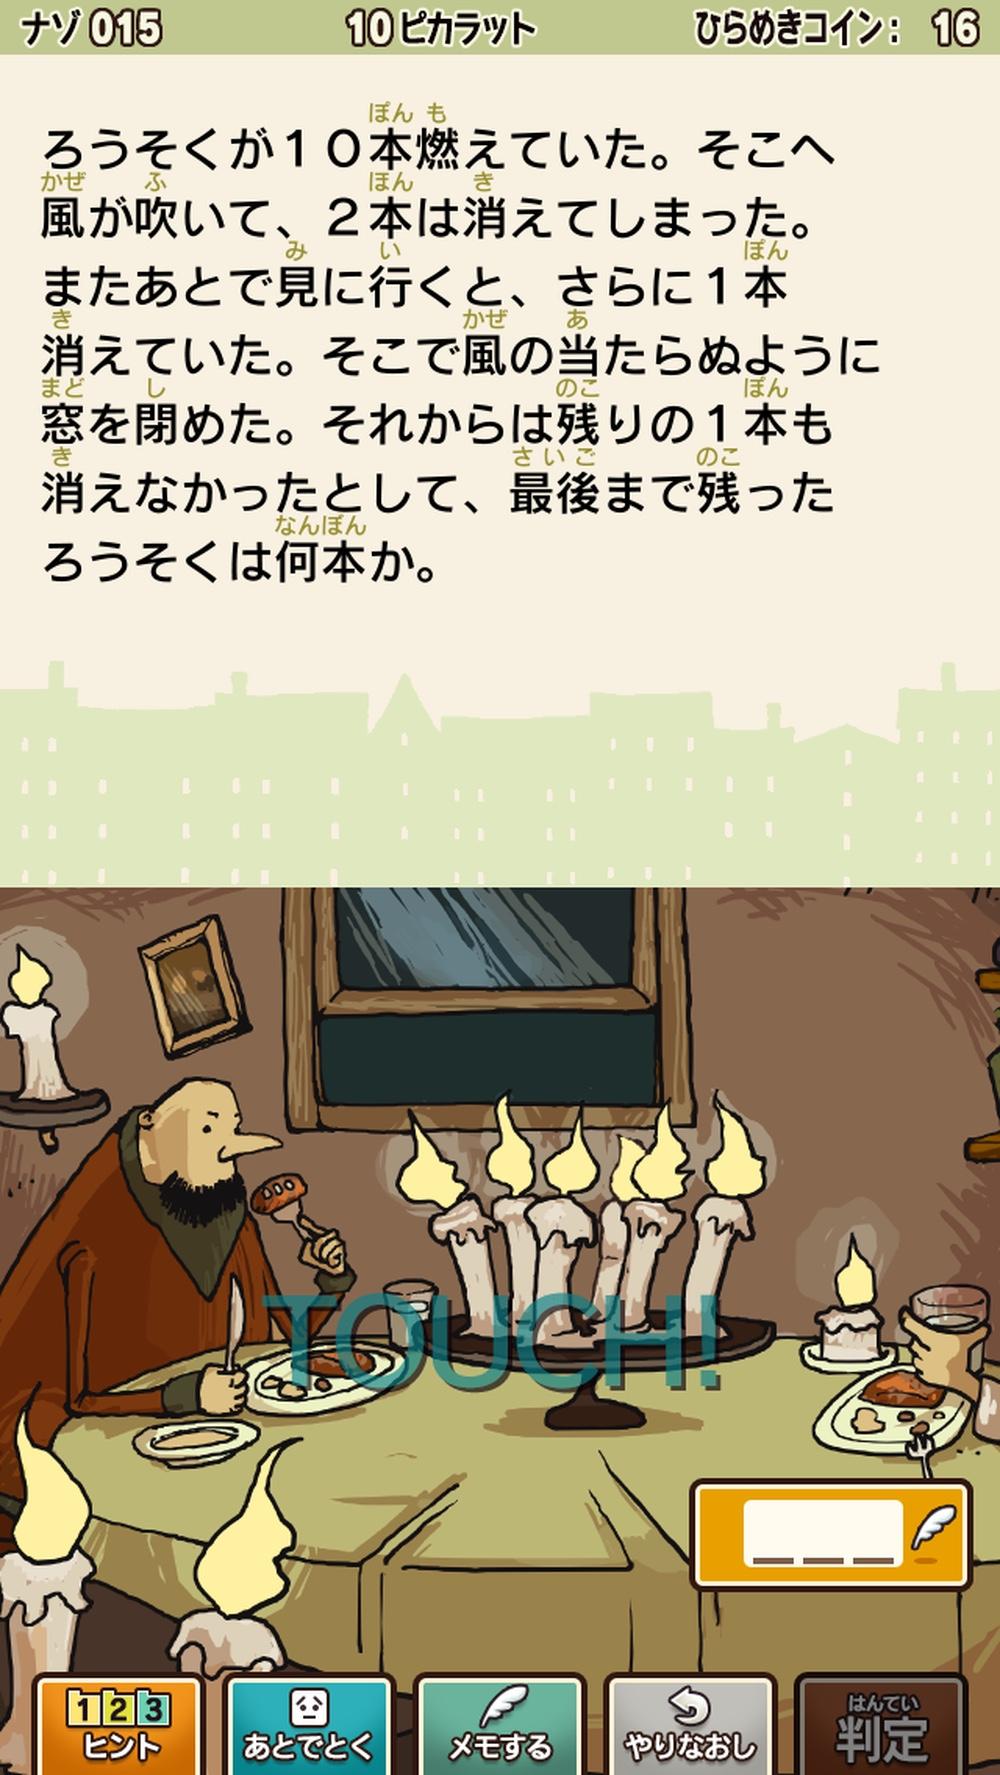 懐かしの謎解きゲーム「レイトン教授と不思議な町」がスマホでやれる!(iPhone・ゲーム)